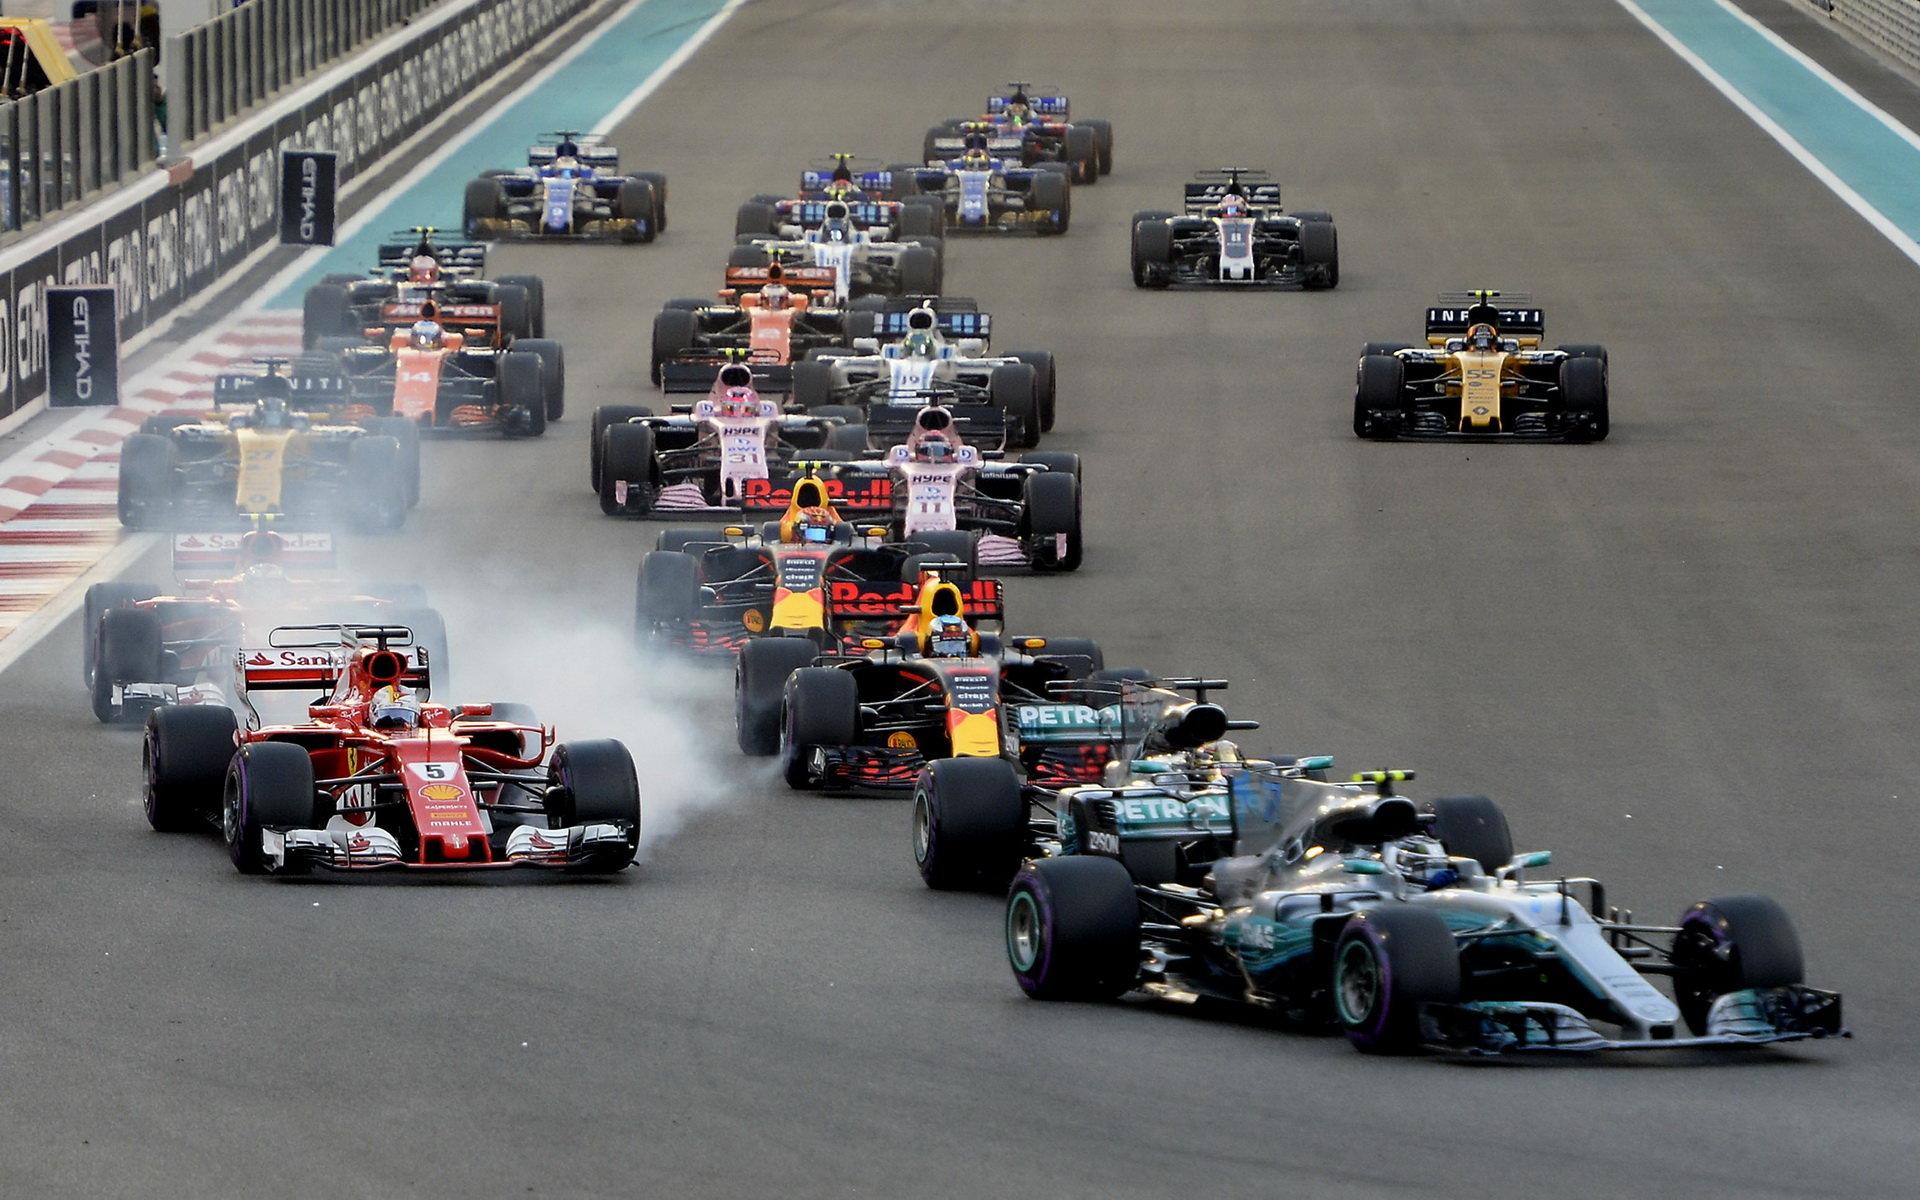 Pirelli konkurenci v F1 nechce, podle něj by to závodění uškodilo